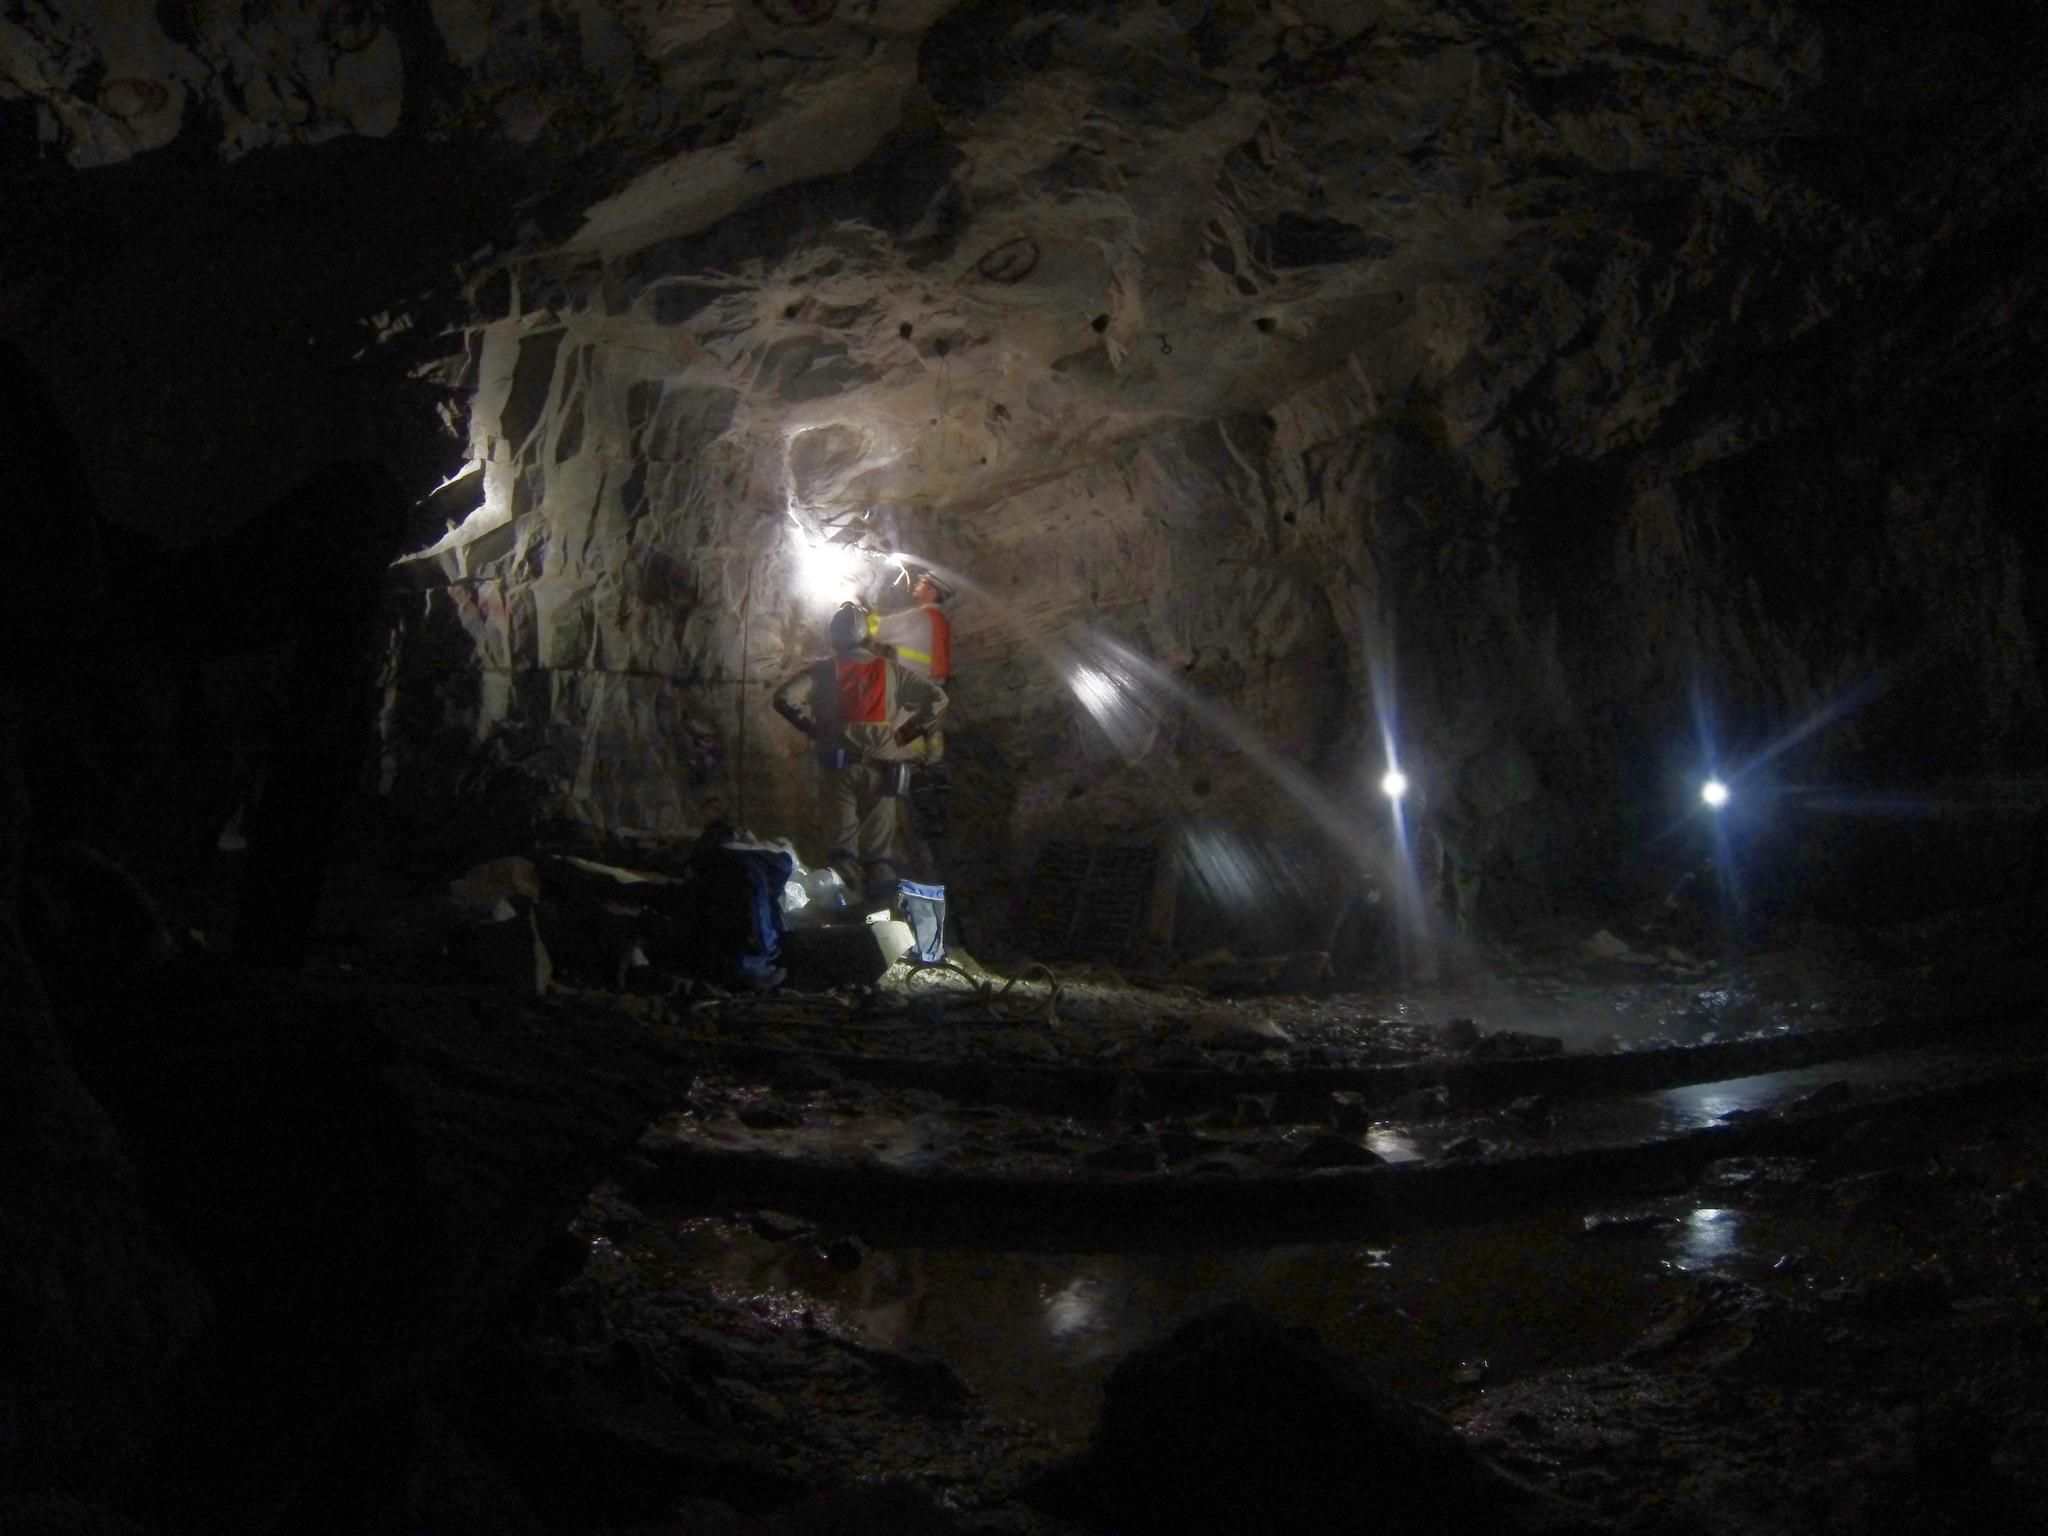 땅속 1.3km 깊이에 있는 남아프리카공화국 비아트릭스 금광에서 시료를 채취하는 연구팀, [사진 심층 탄소 관측팀]